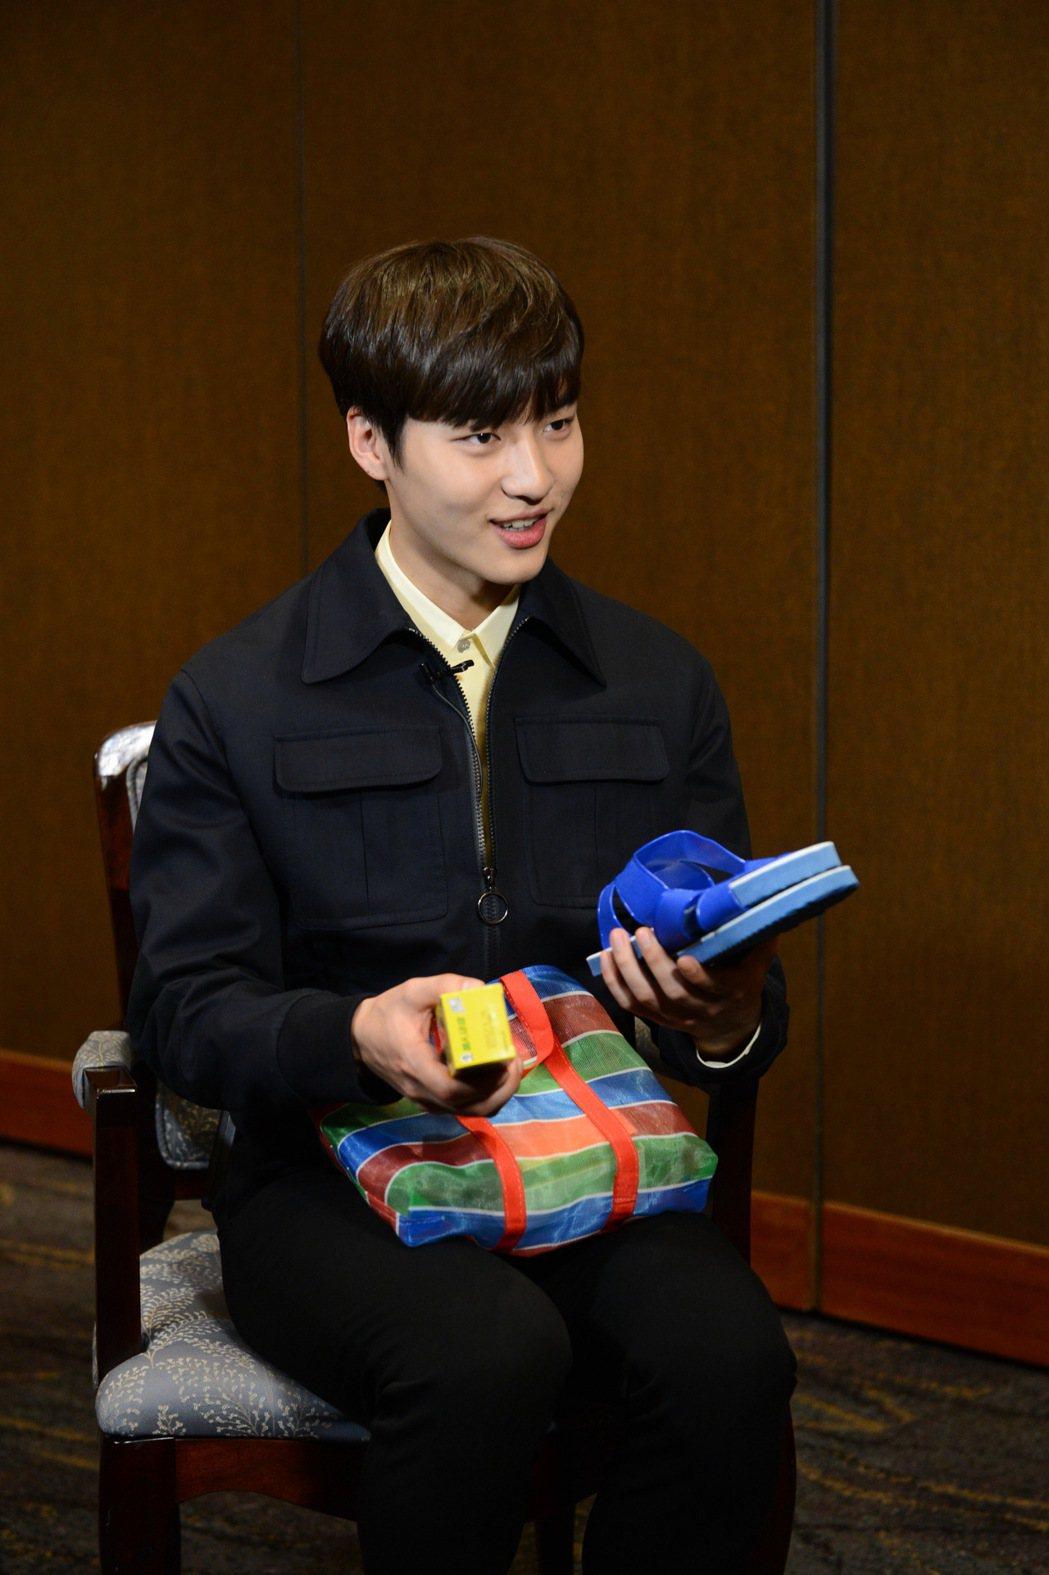 韓新生代演員梁世宗演出「師任堂」受矚目。圖/八大提供